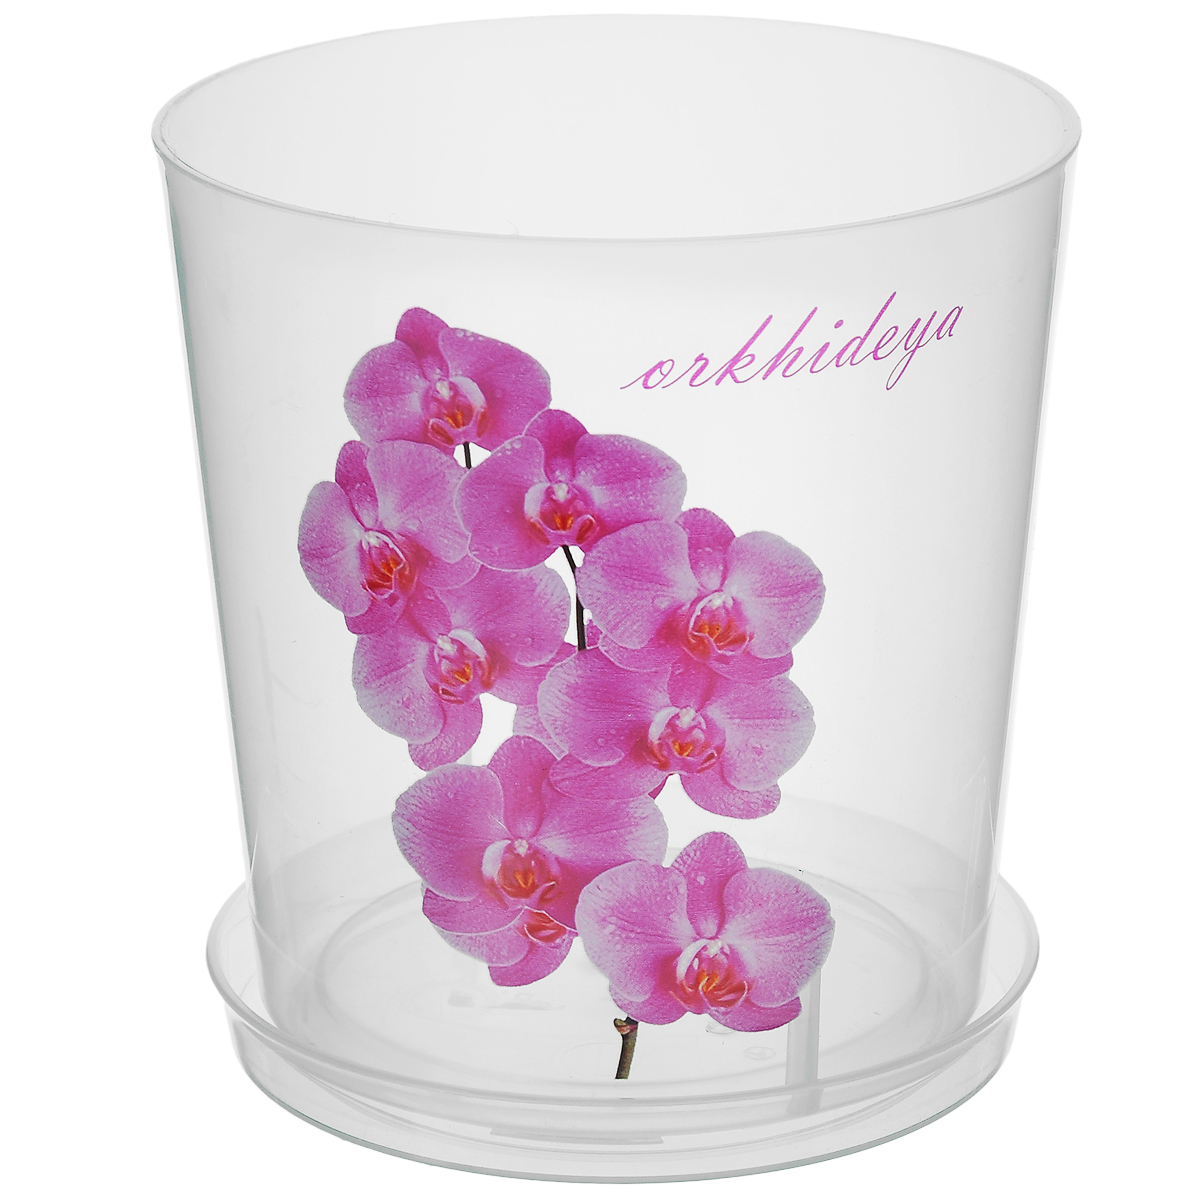 Горшок для орхидей Альтернатива, цвет: белый, 1,8 лMRC103TГоршок для орхидей Альтернатива изготовлен из прочного прозрачного пластика. Внешние стенки оформлены изысканным изображением розовых цветков орхидеи и надписью Orkhideya. Горшок оснащен поддоном. Диаметр горшка (по верхнему краю): 14 см. Высота горшка: 15 см.